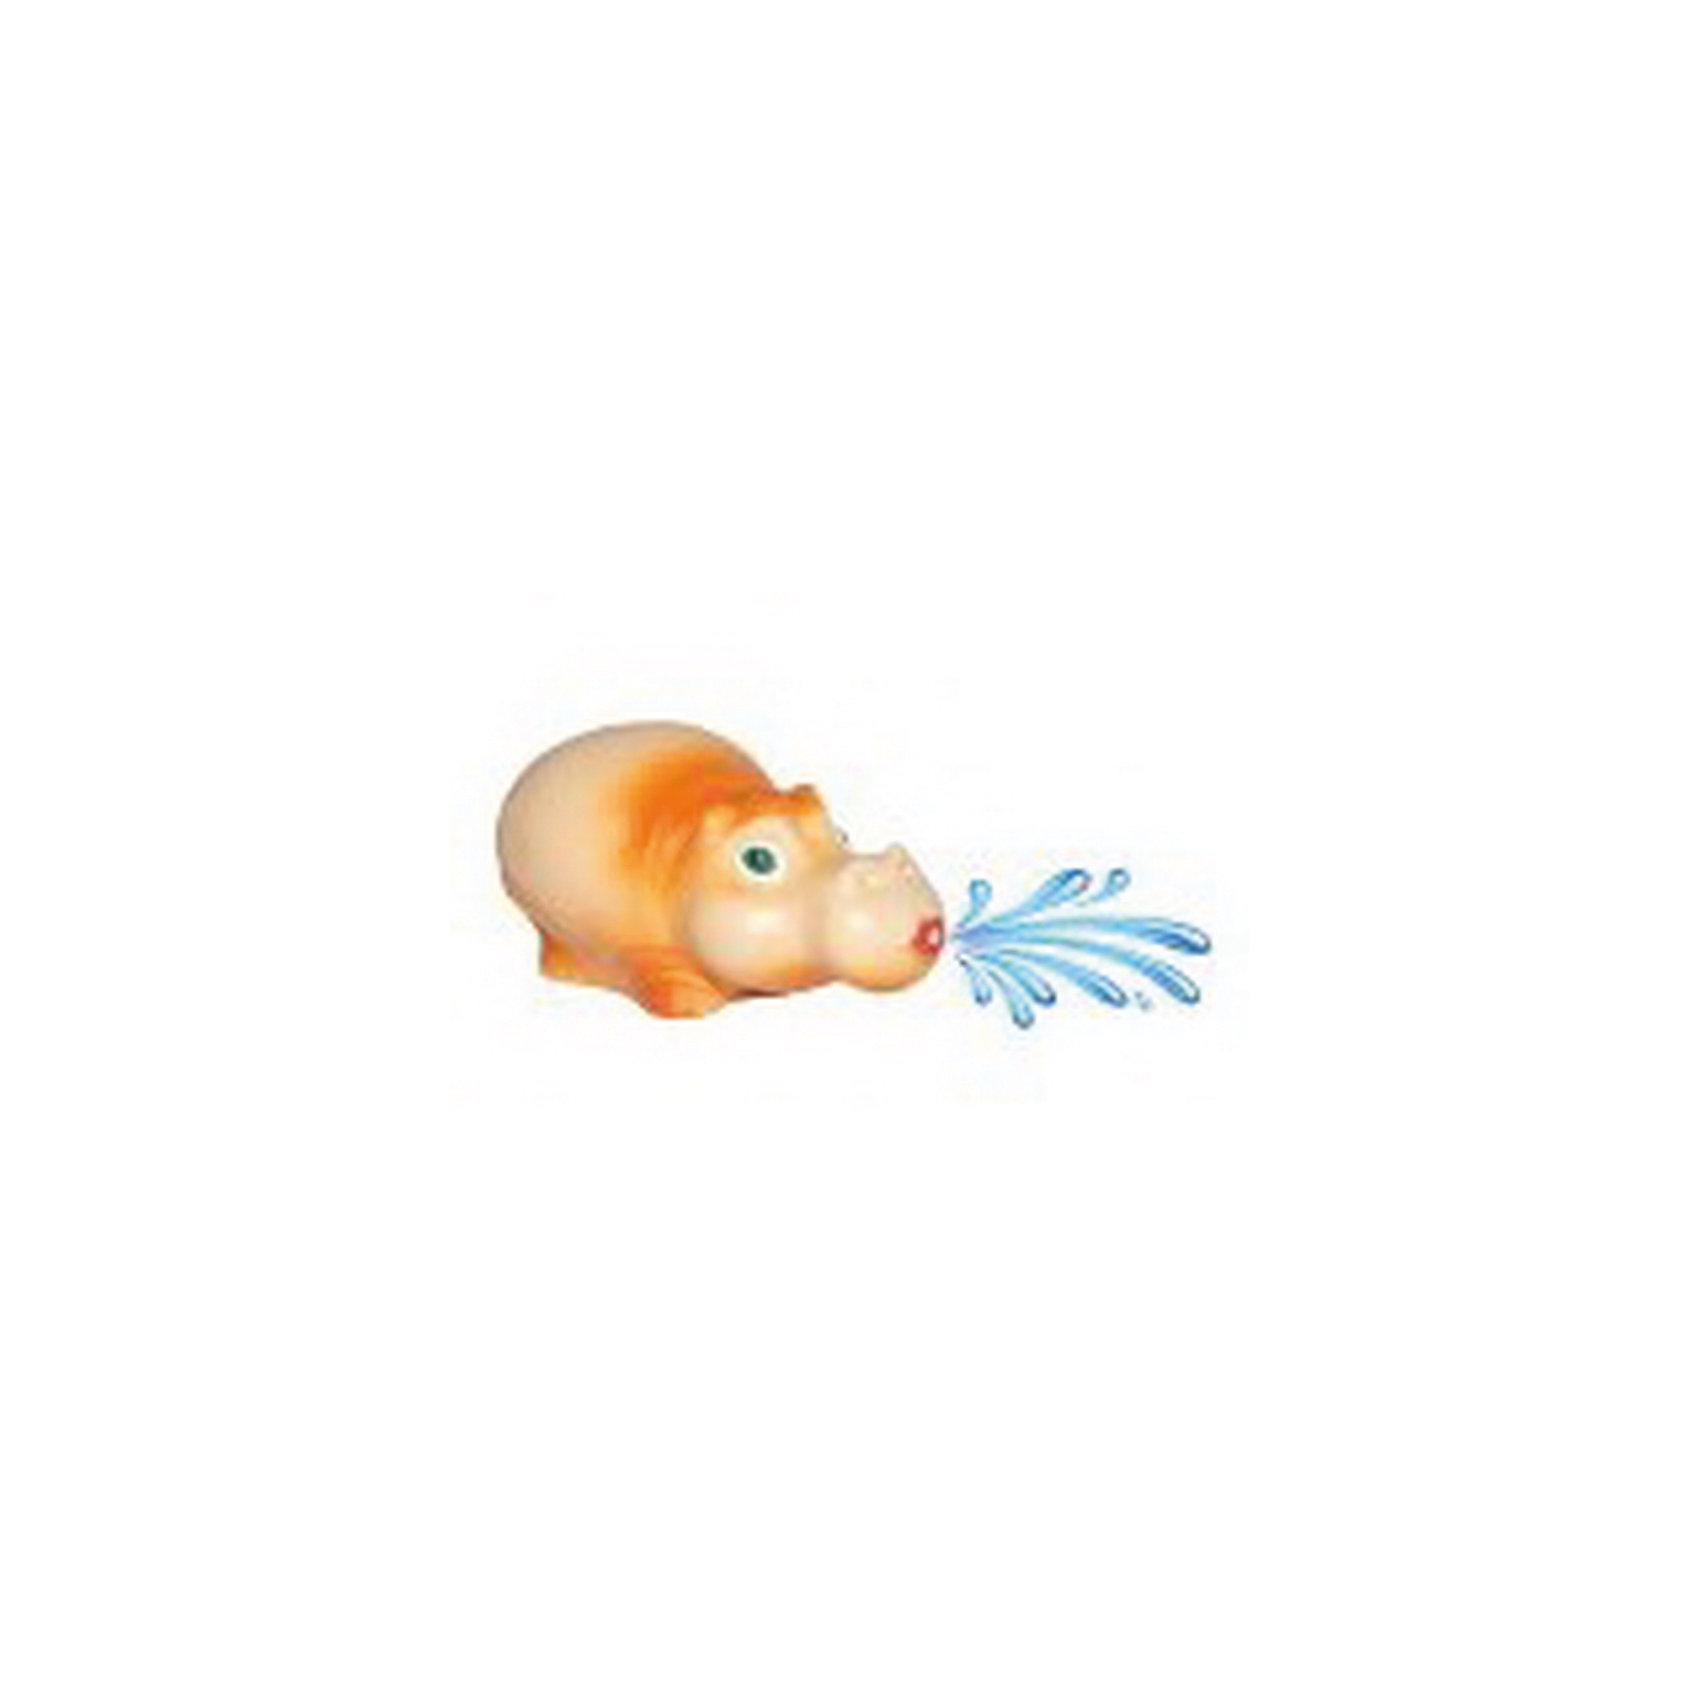 Бегемот Софа, КудесникиИгрушки ПВХ<br>Бегемот Софа, Кудесники<br><br>Характеристики:<br><br>• Материал: пластизоль<br>• Размер: 12х5 см<br>• Игрушка: бегемот<br>• Цвет: оранжевый<br><br>Классический дизайн игрушки неизменно привлекает каждого ребенка уже долгие годы. Сделана игрушка из качественного материала, который не вредит ребенку и не вызывает аллергии. Ее смело можно грызть, брать с собой в ванну, ведь игрушка совершенно не боится воды и влаги. А еще, бегемотик умеет пускать водичку изо рта. <br><br>Бегемот Софа, Кудесники можно купить в нашем магазине.<br><br>Ширина мм: 130<br>Глубина мм: 70<br>Высота мм: 60<br>Вес г: 400<br>Возраст от месяцев: 12<br>Возраст до месяцев: 36<br>Пол: Унисекс<br>Возраст: Детский<br>SKU: 4896483